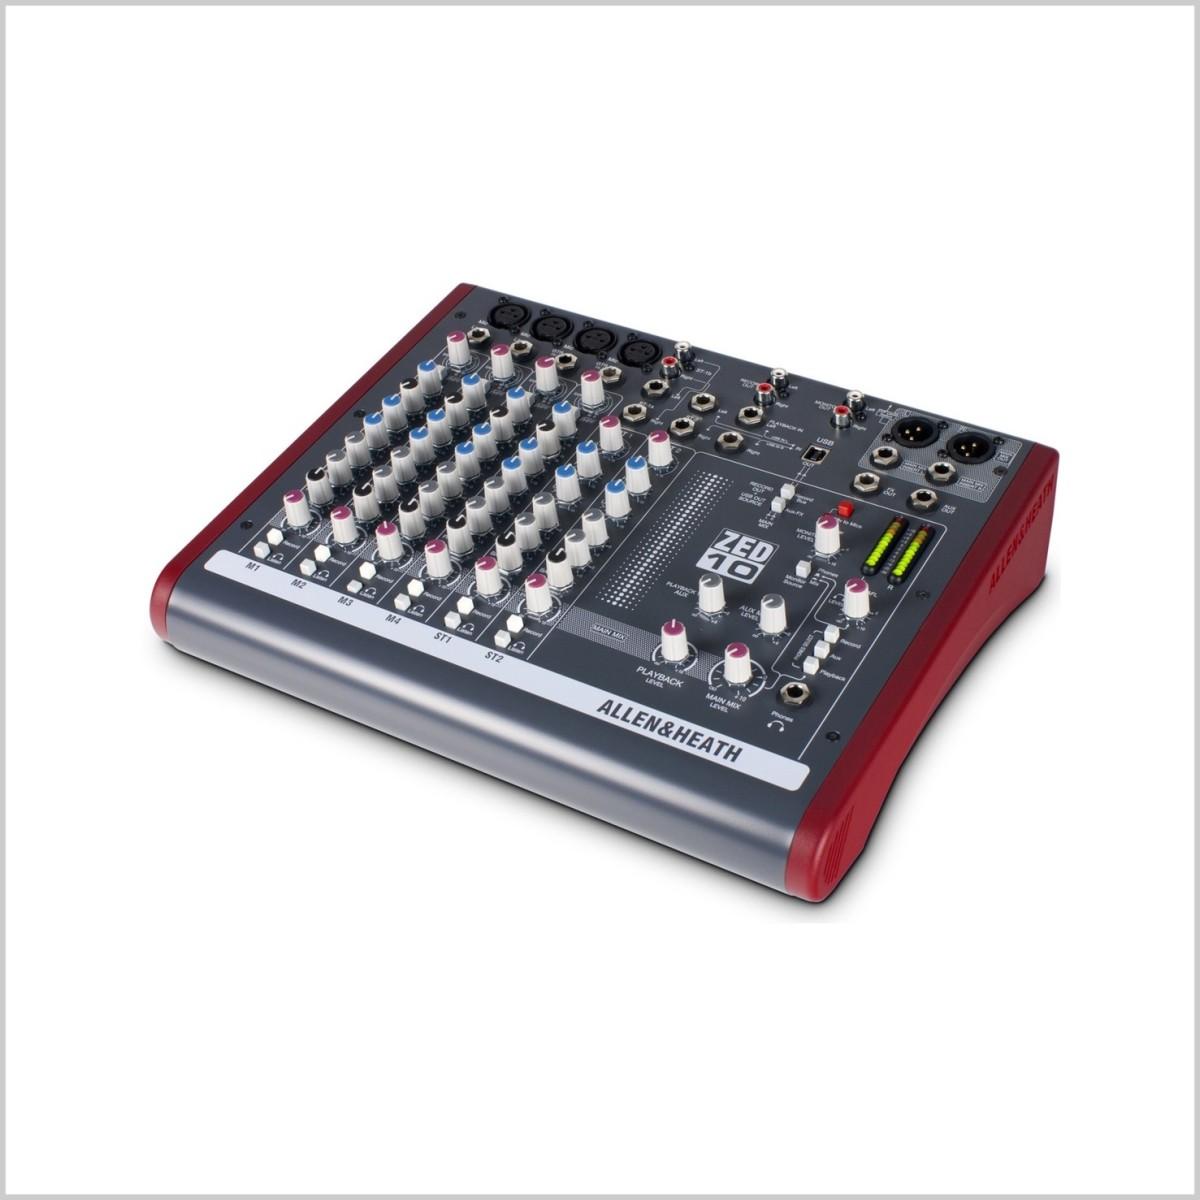 Live-Mixer Allen & Heath ZED10